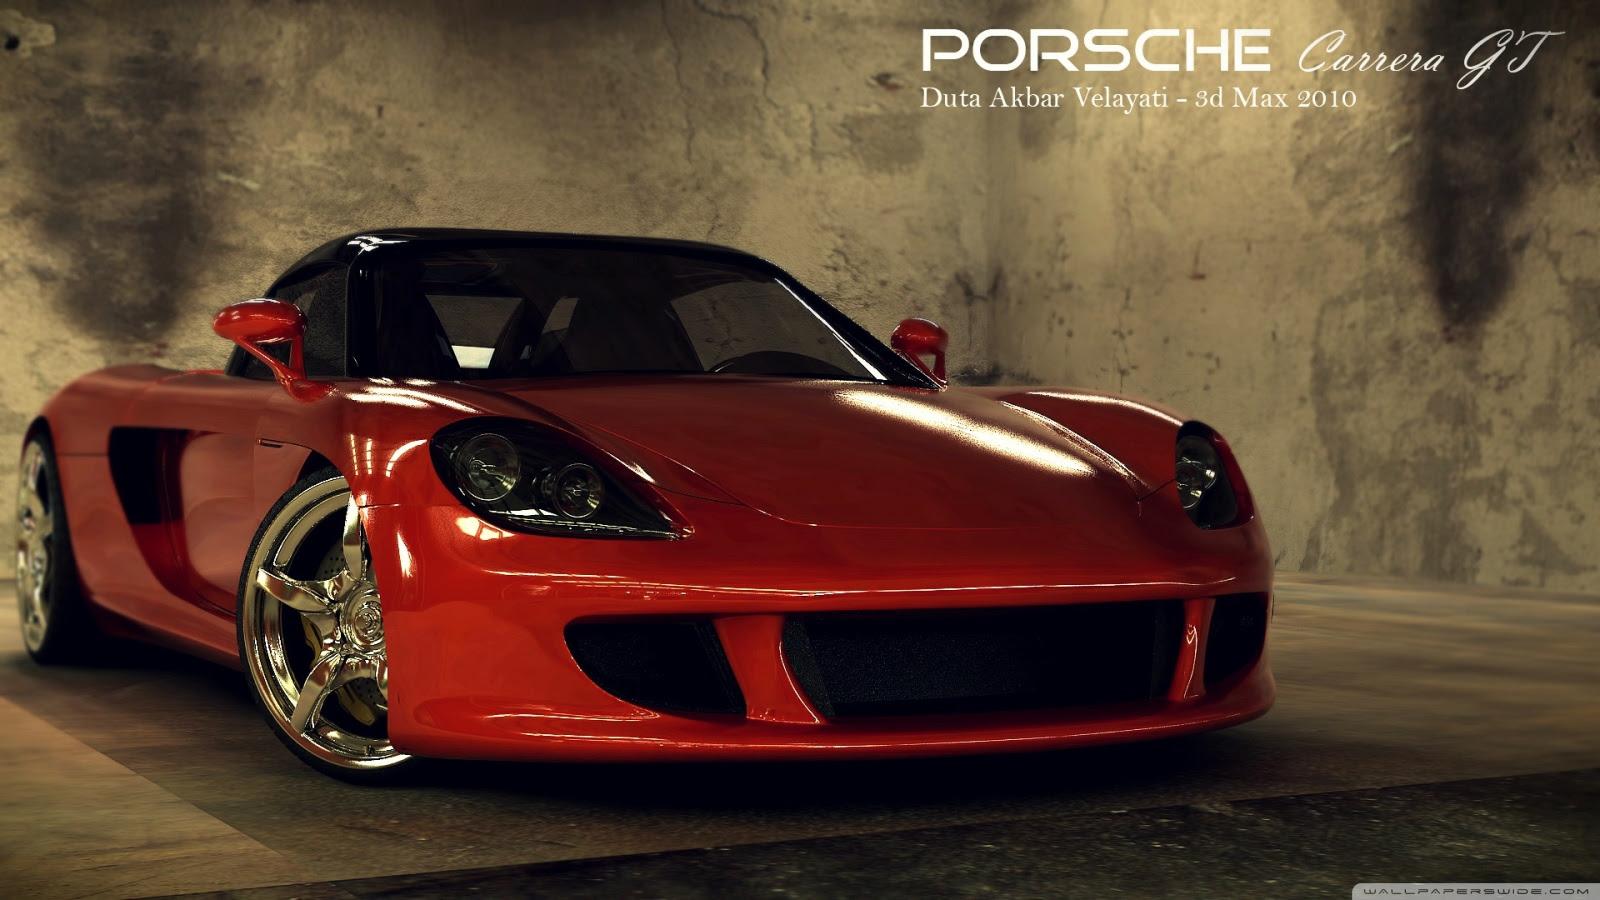 Amazing Porsche Carrera Gt Red Wallpaper Hd Mega Wallpapers